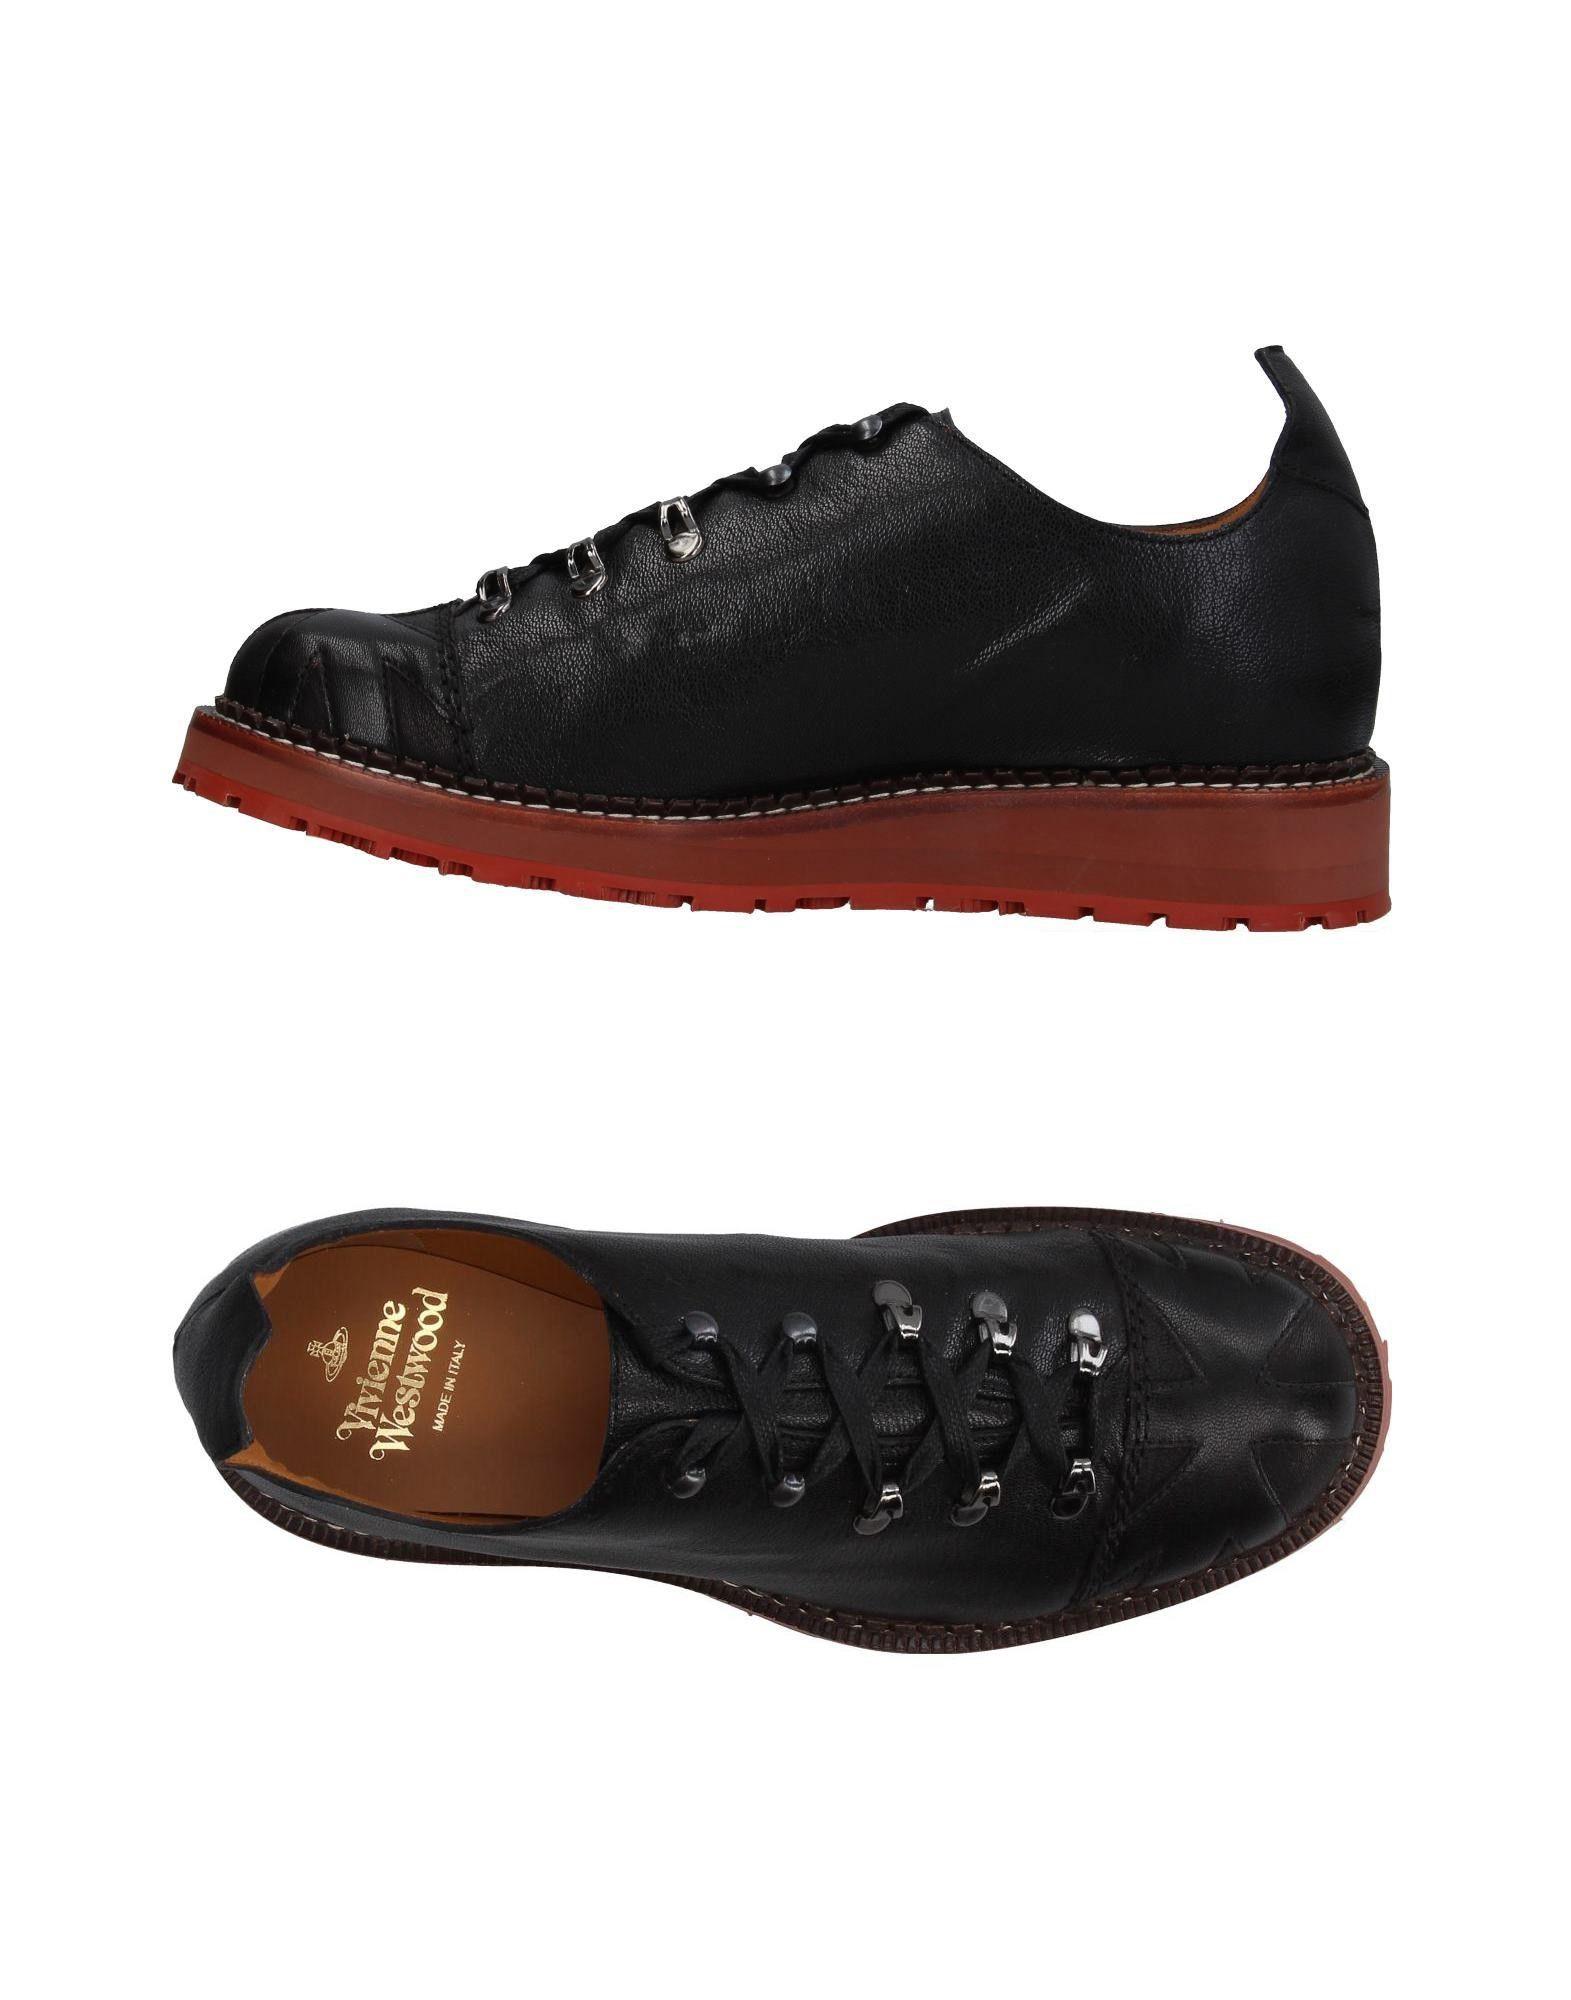 Vivienne Westwood Schnürschuhe Herren  11407333XJ Gute Qualität beliebte Schuhe